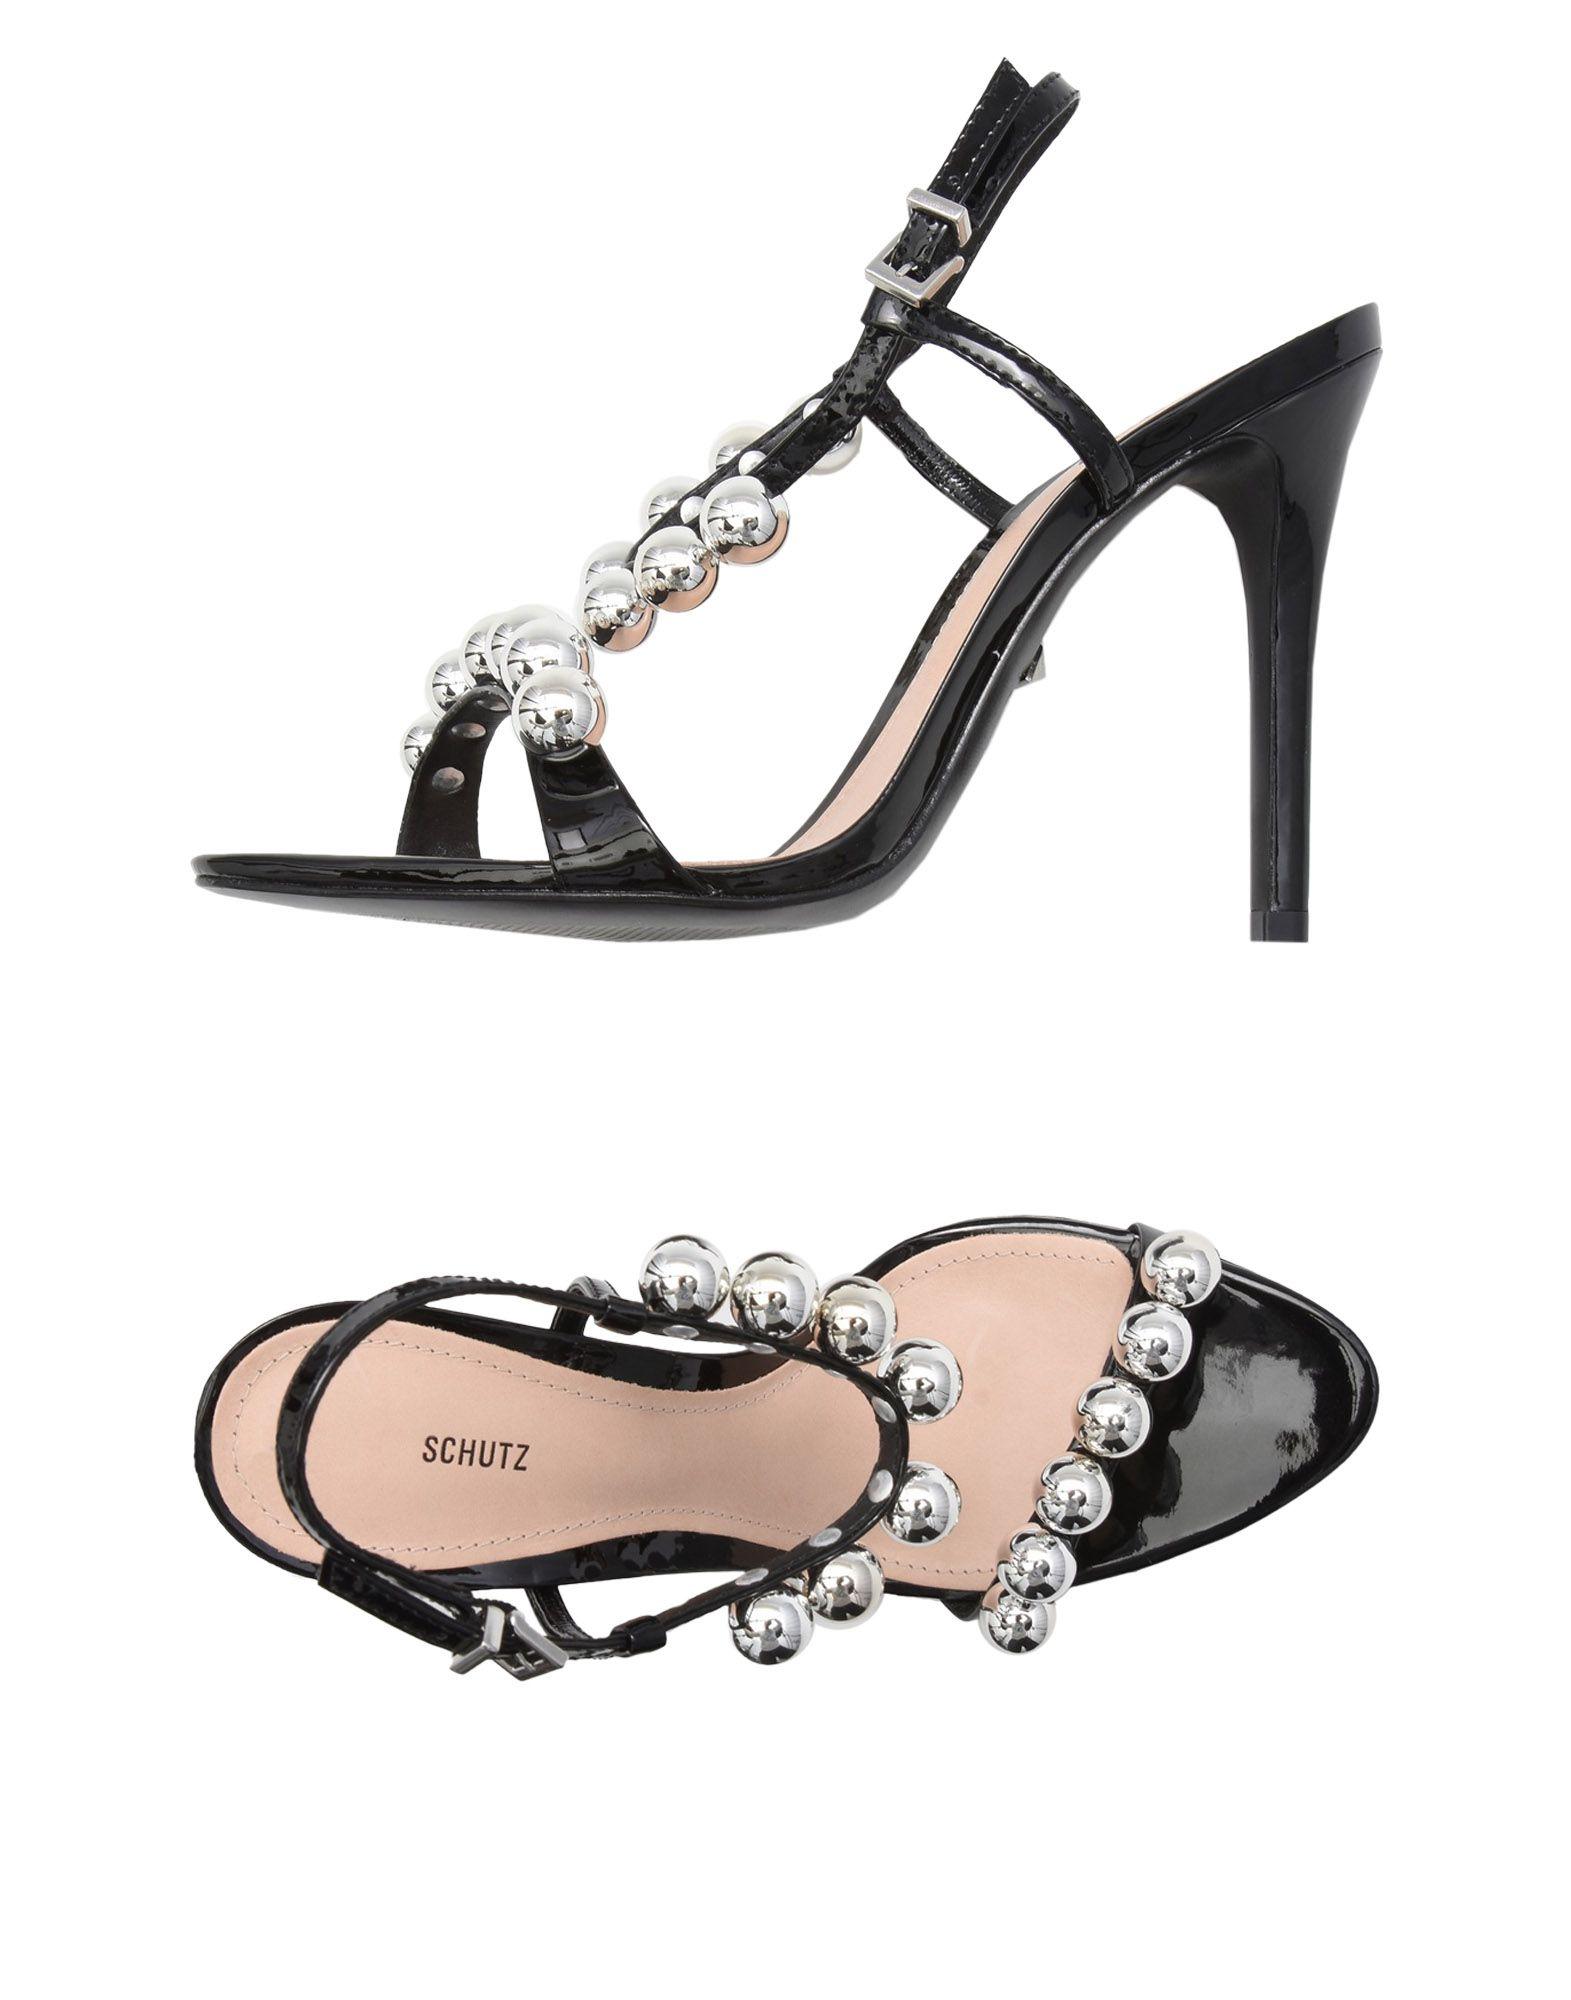 Schutz  Sandals - Women Schutz Sandals online on  Schutz United Kingdom - 11482667US 388c44